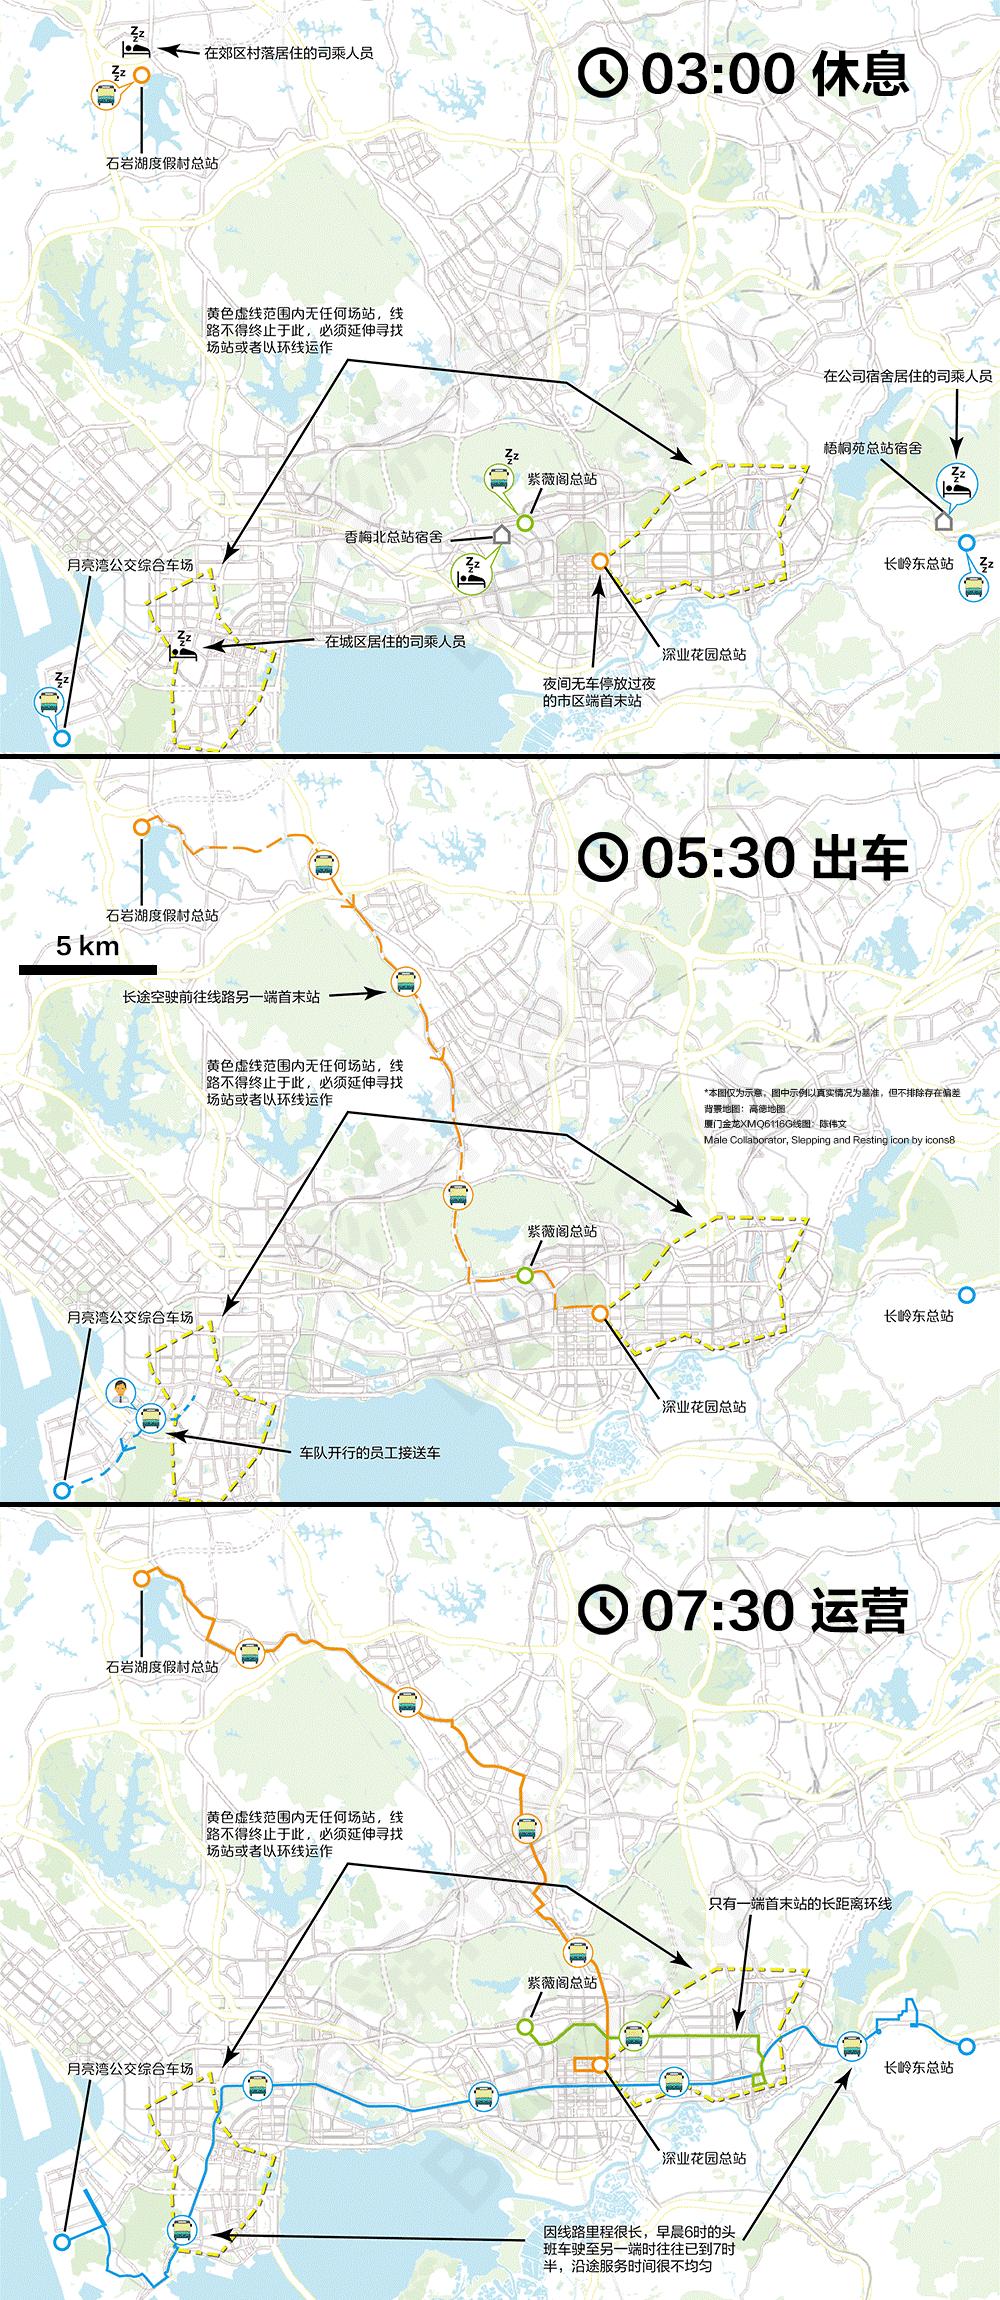 深圳采取首末站和停车场合一的分散模式,理论上不会产生空驶里程,但因为市区多个不可设立线路终点的无场站区域存在,一些线路每次运营都会产生大量低效里程。